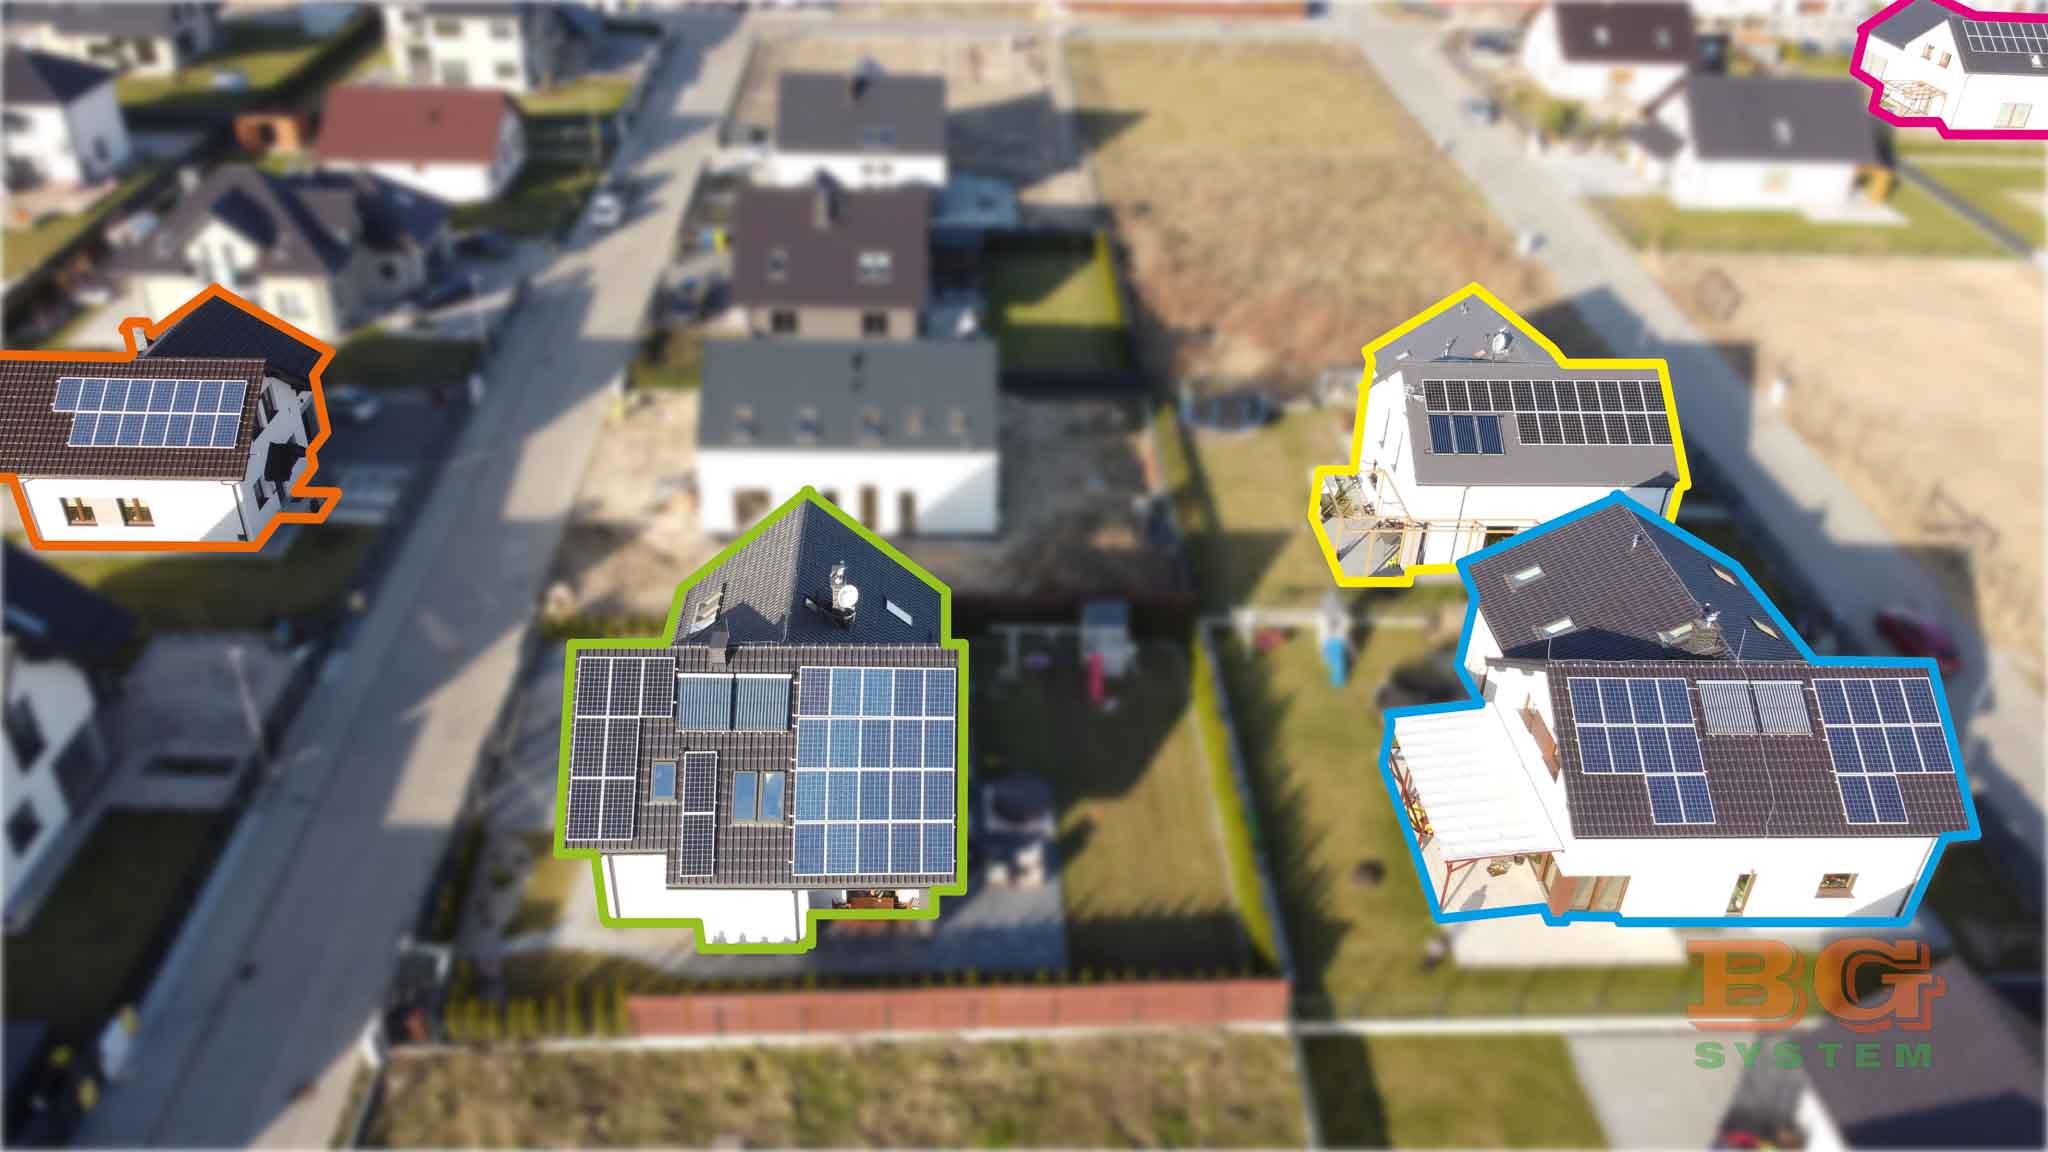 PONE Zabrze – zdjęcie z drona, przedstawiające 5 domków z naszą instalacją